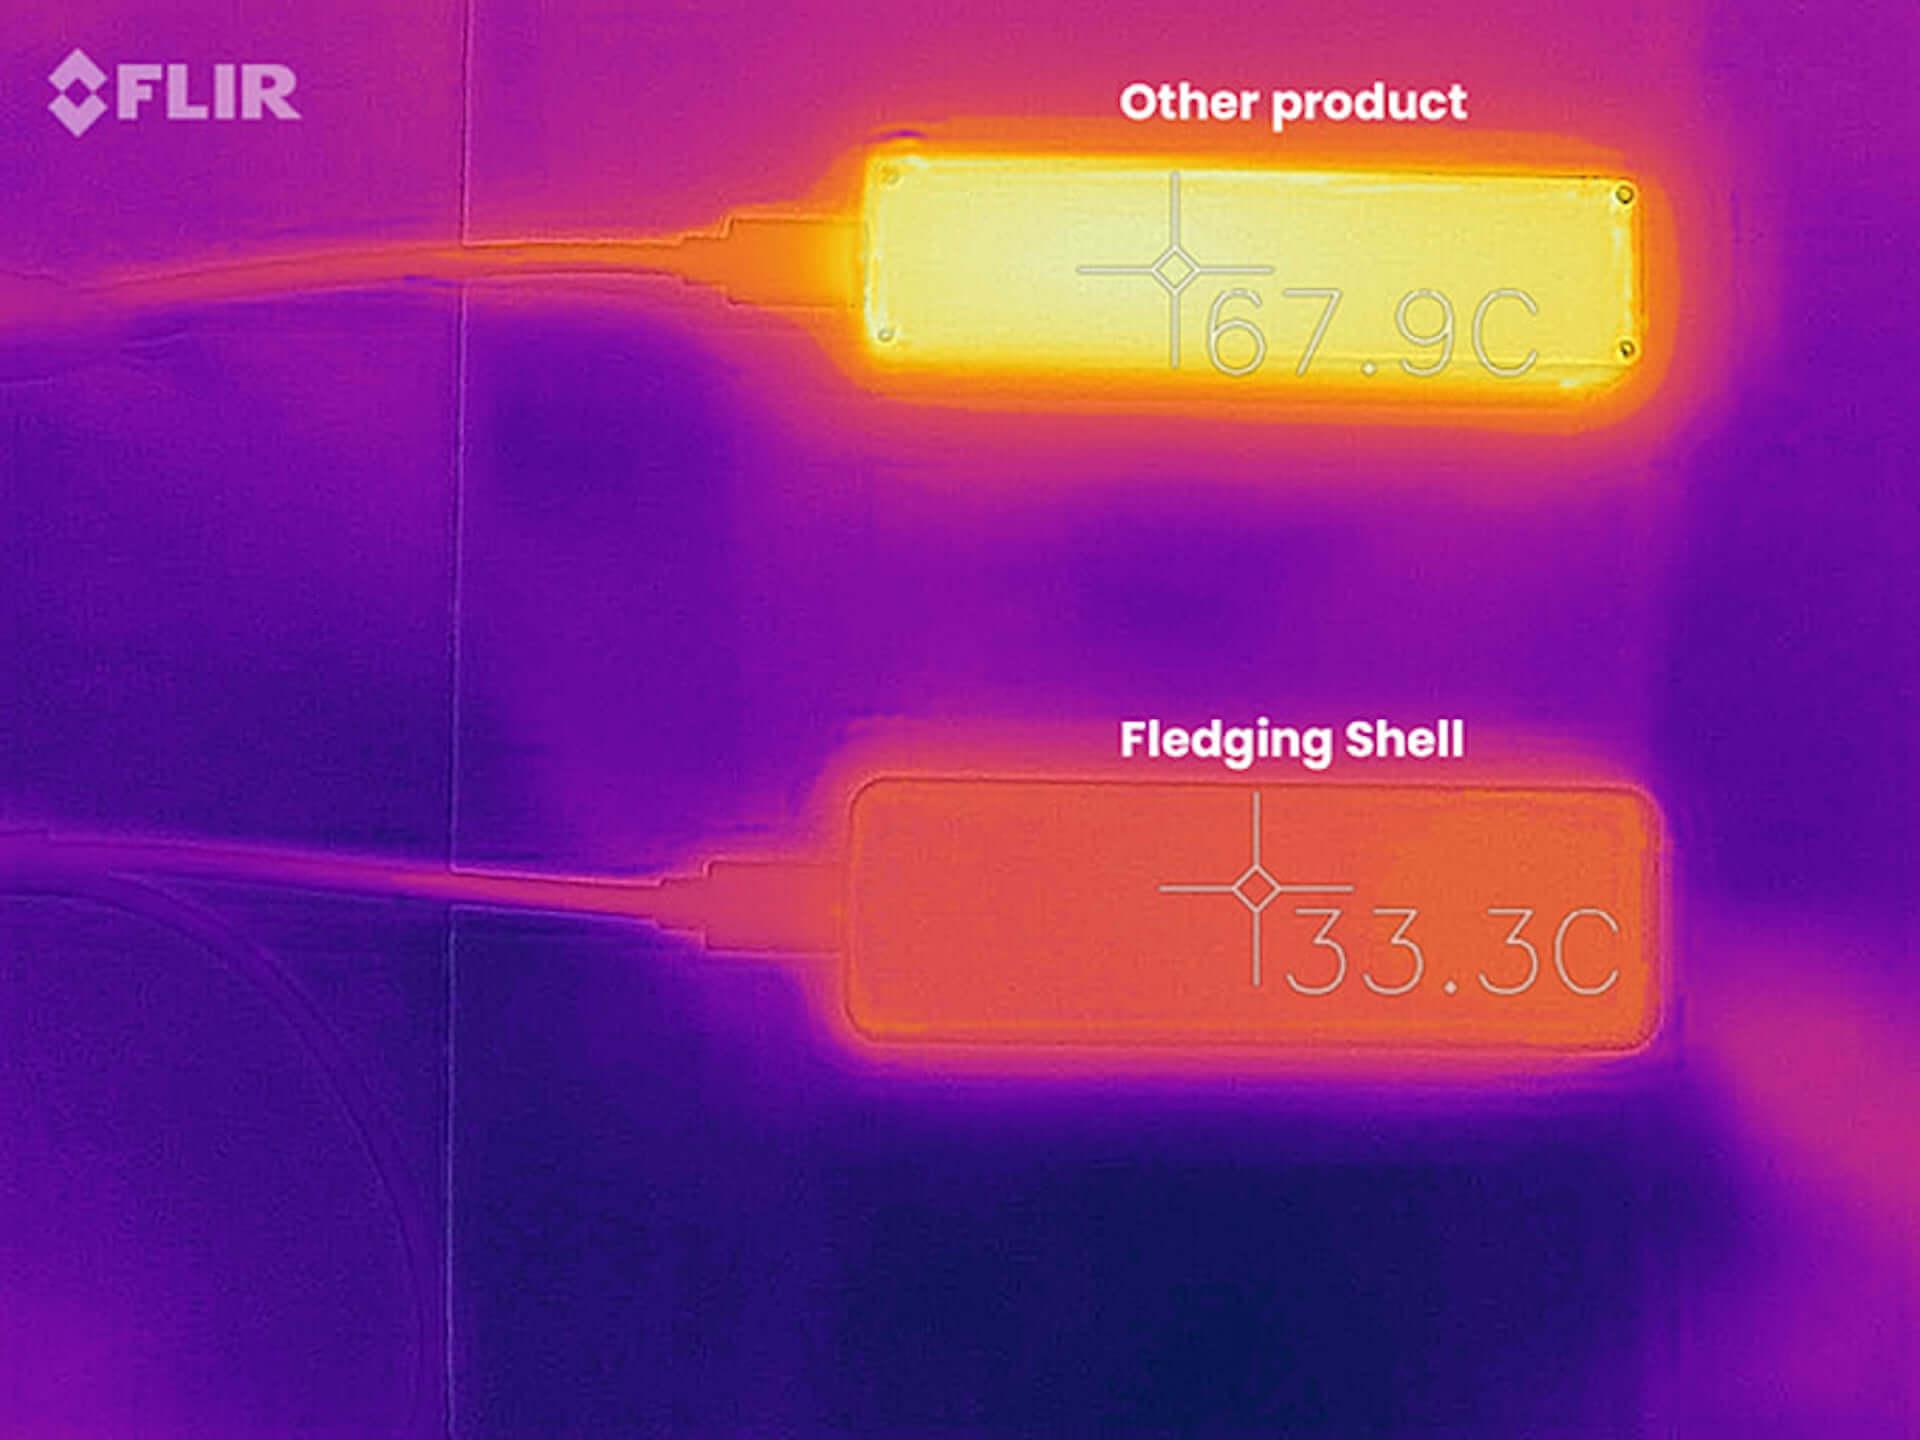 USBポートのあるすべての端末と接続可能!世界最速の外部ストレージデバイス「FLEDGING SHELL」がGLOTUREに登場 tech190910_fledgingshell_1-1920x1440